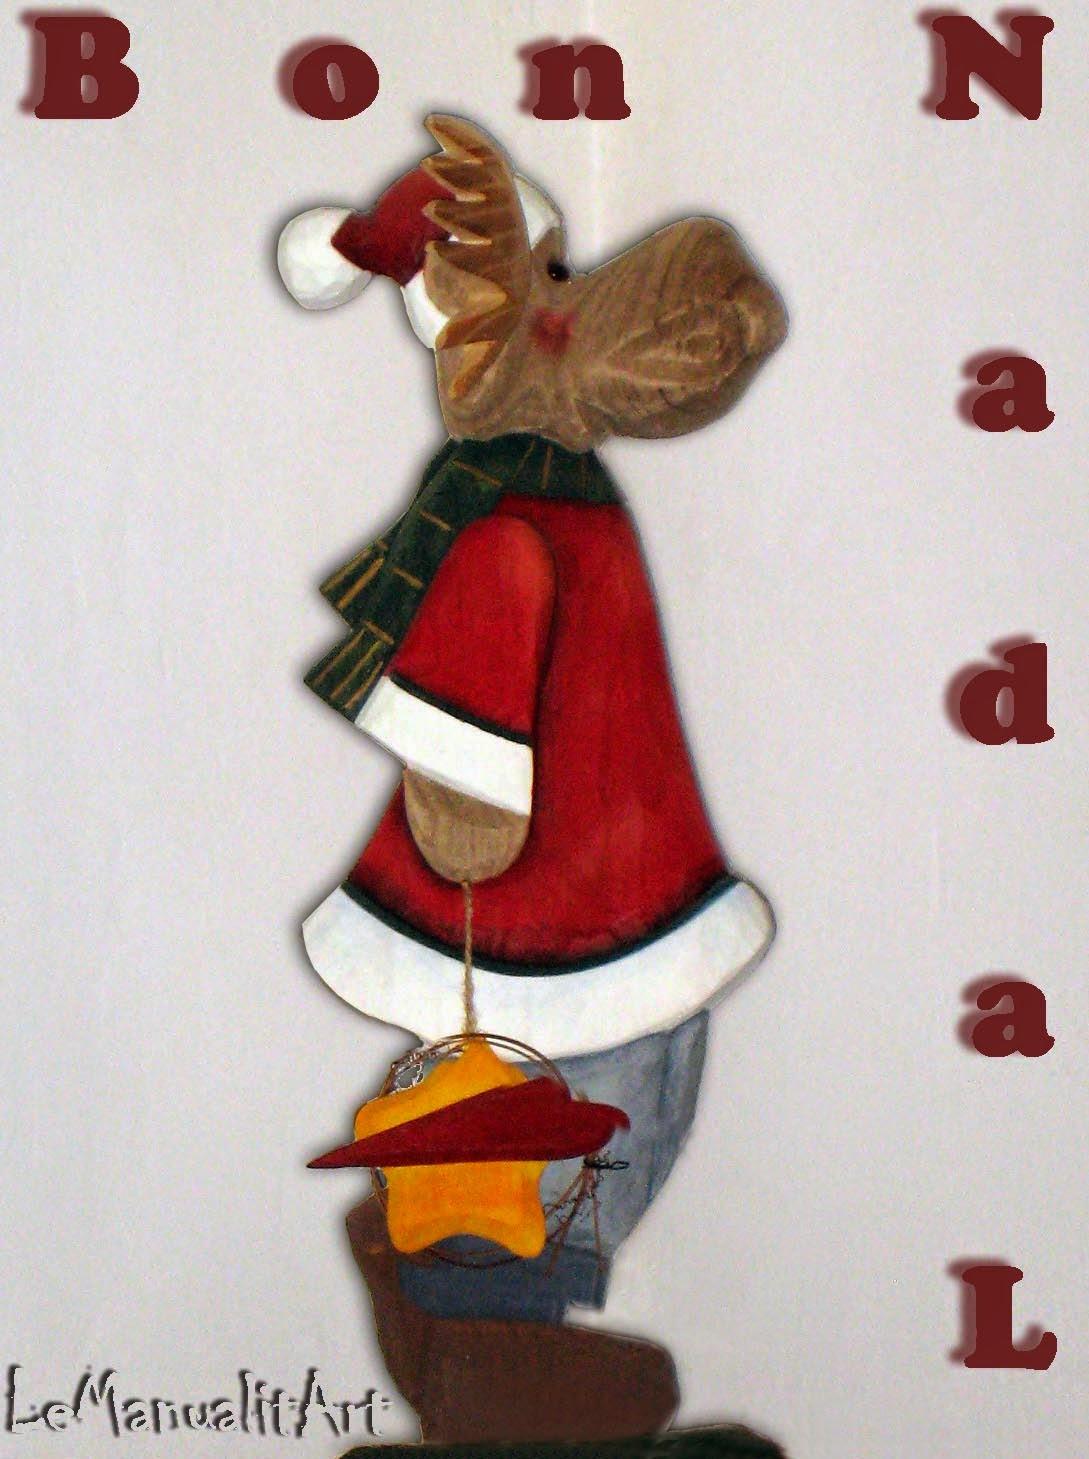 Navidad nórdica: manualidades navideñas